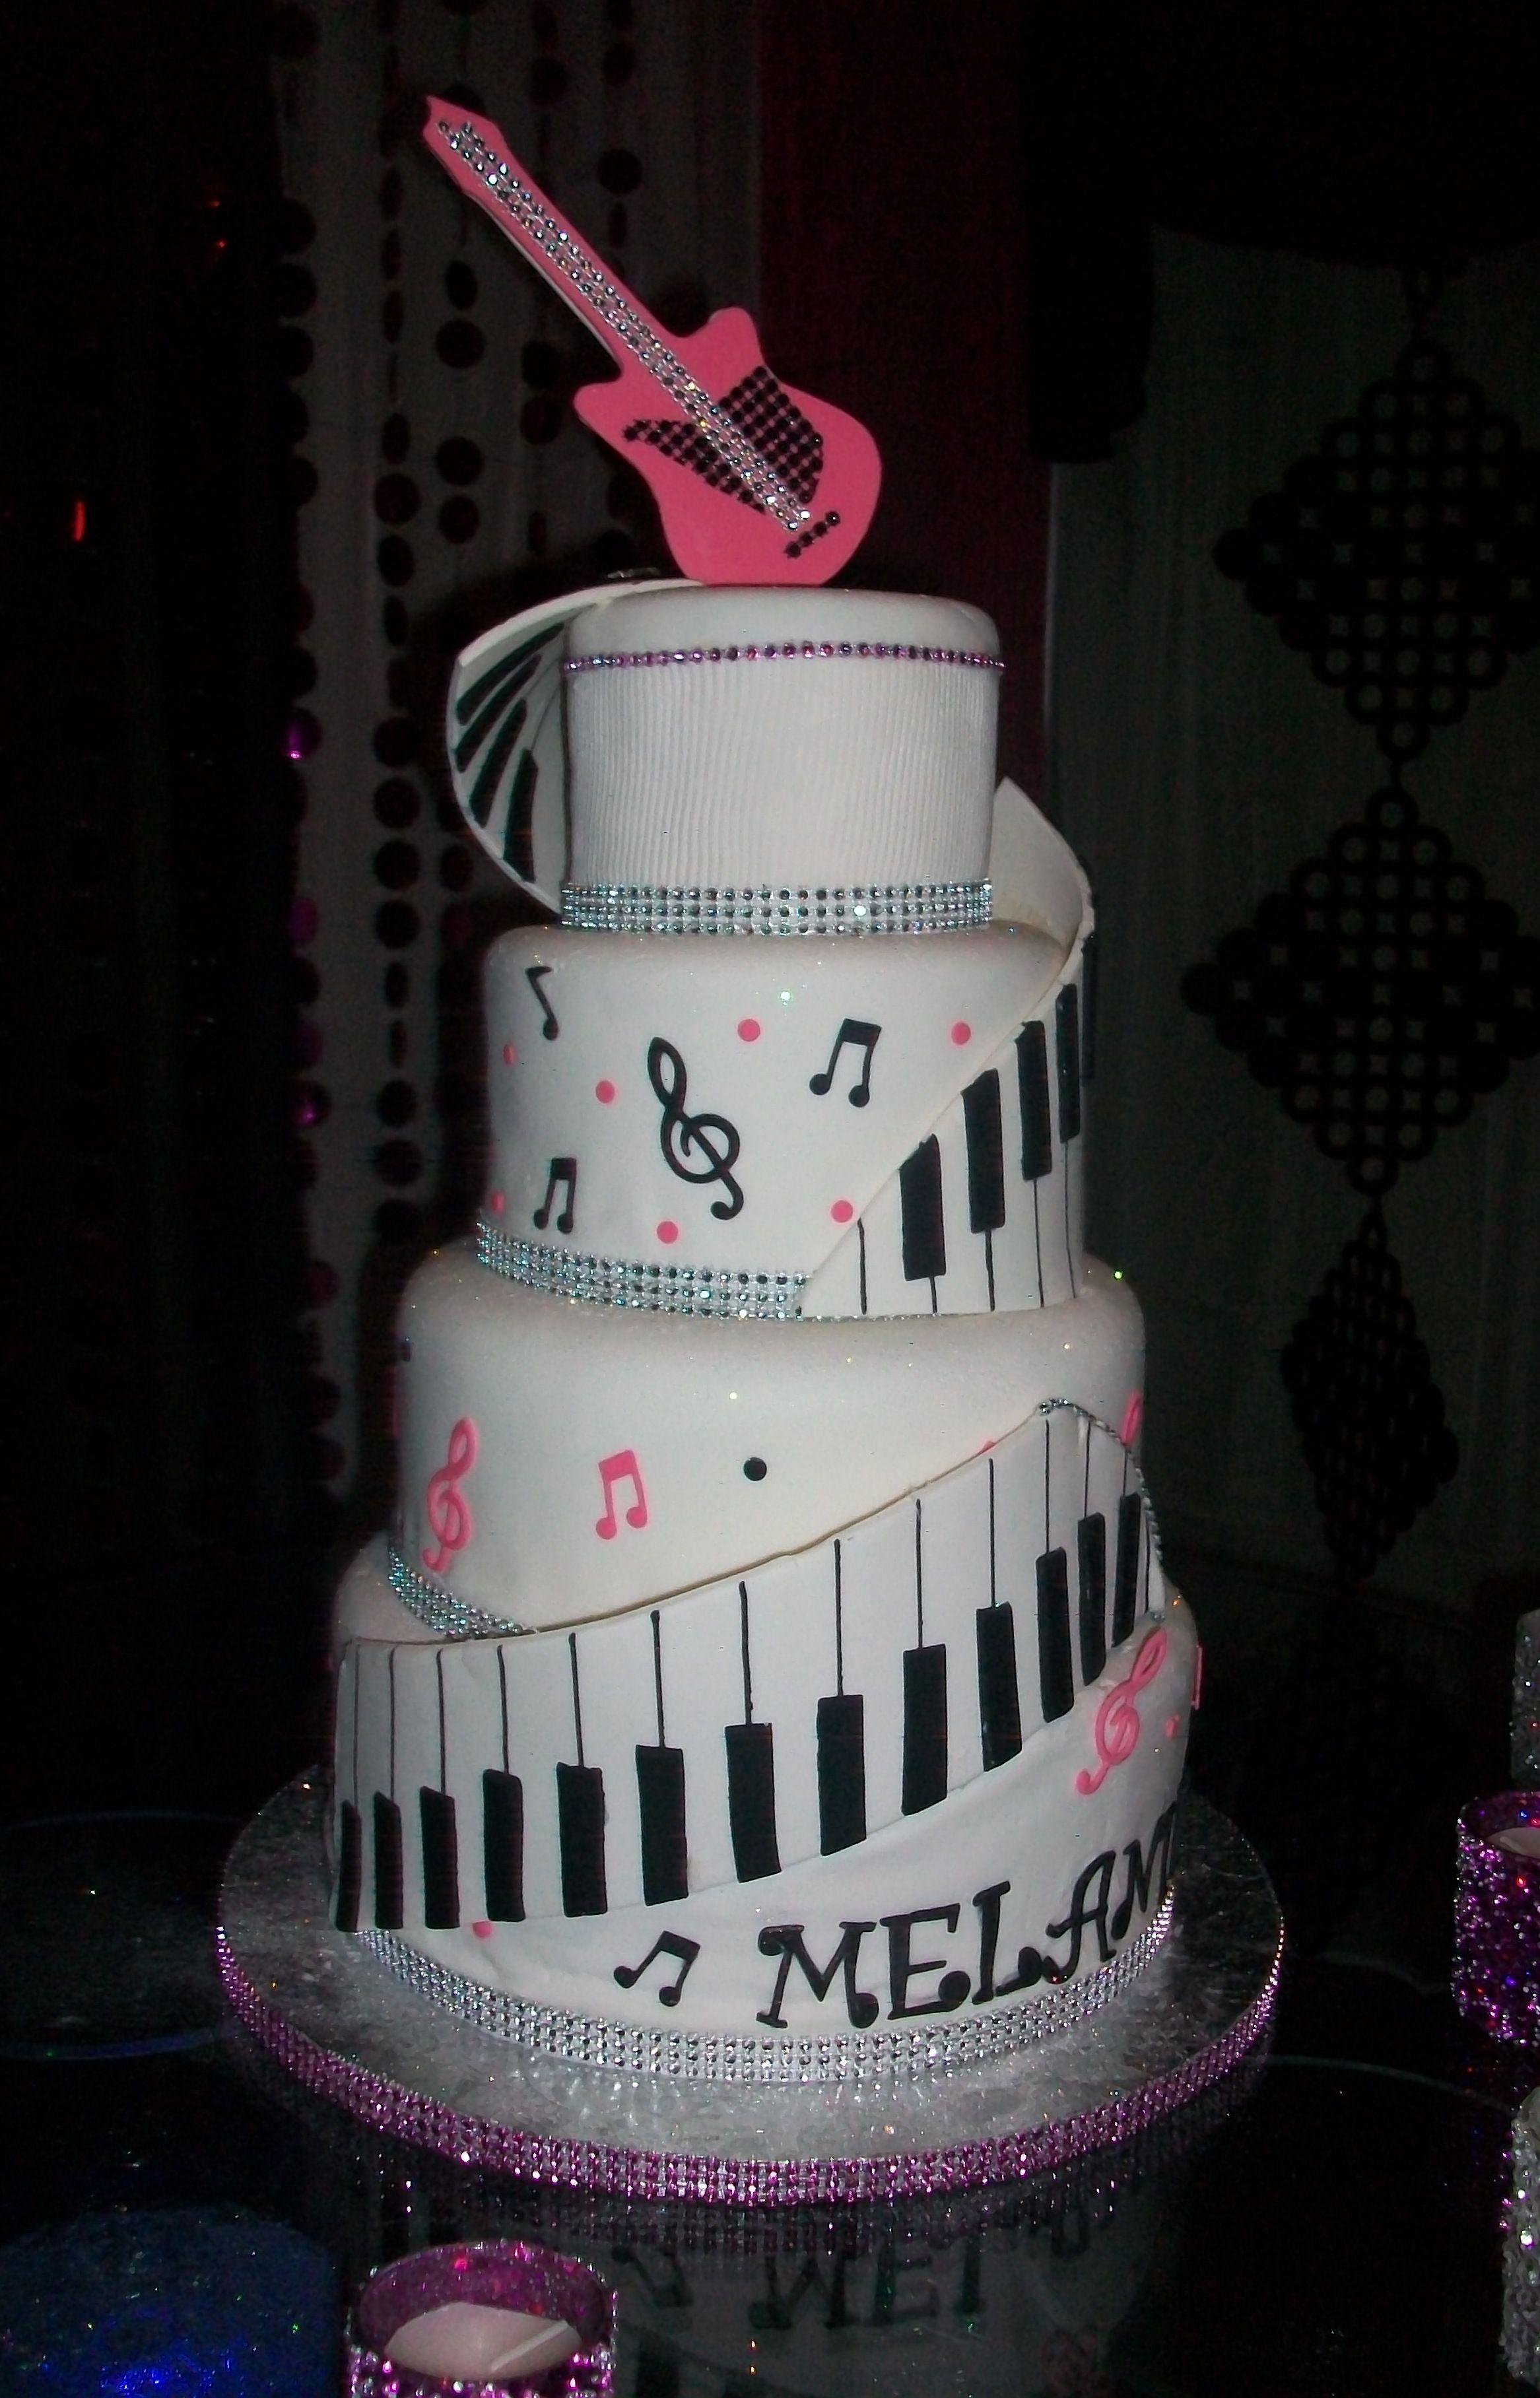 piano themed cakes